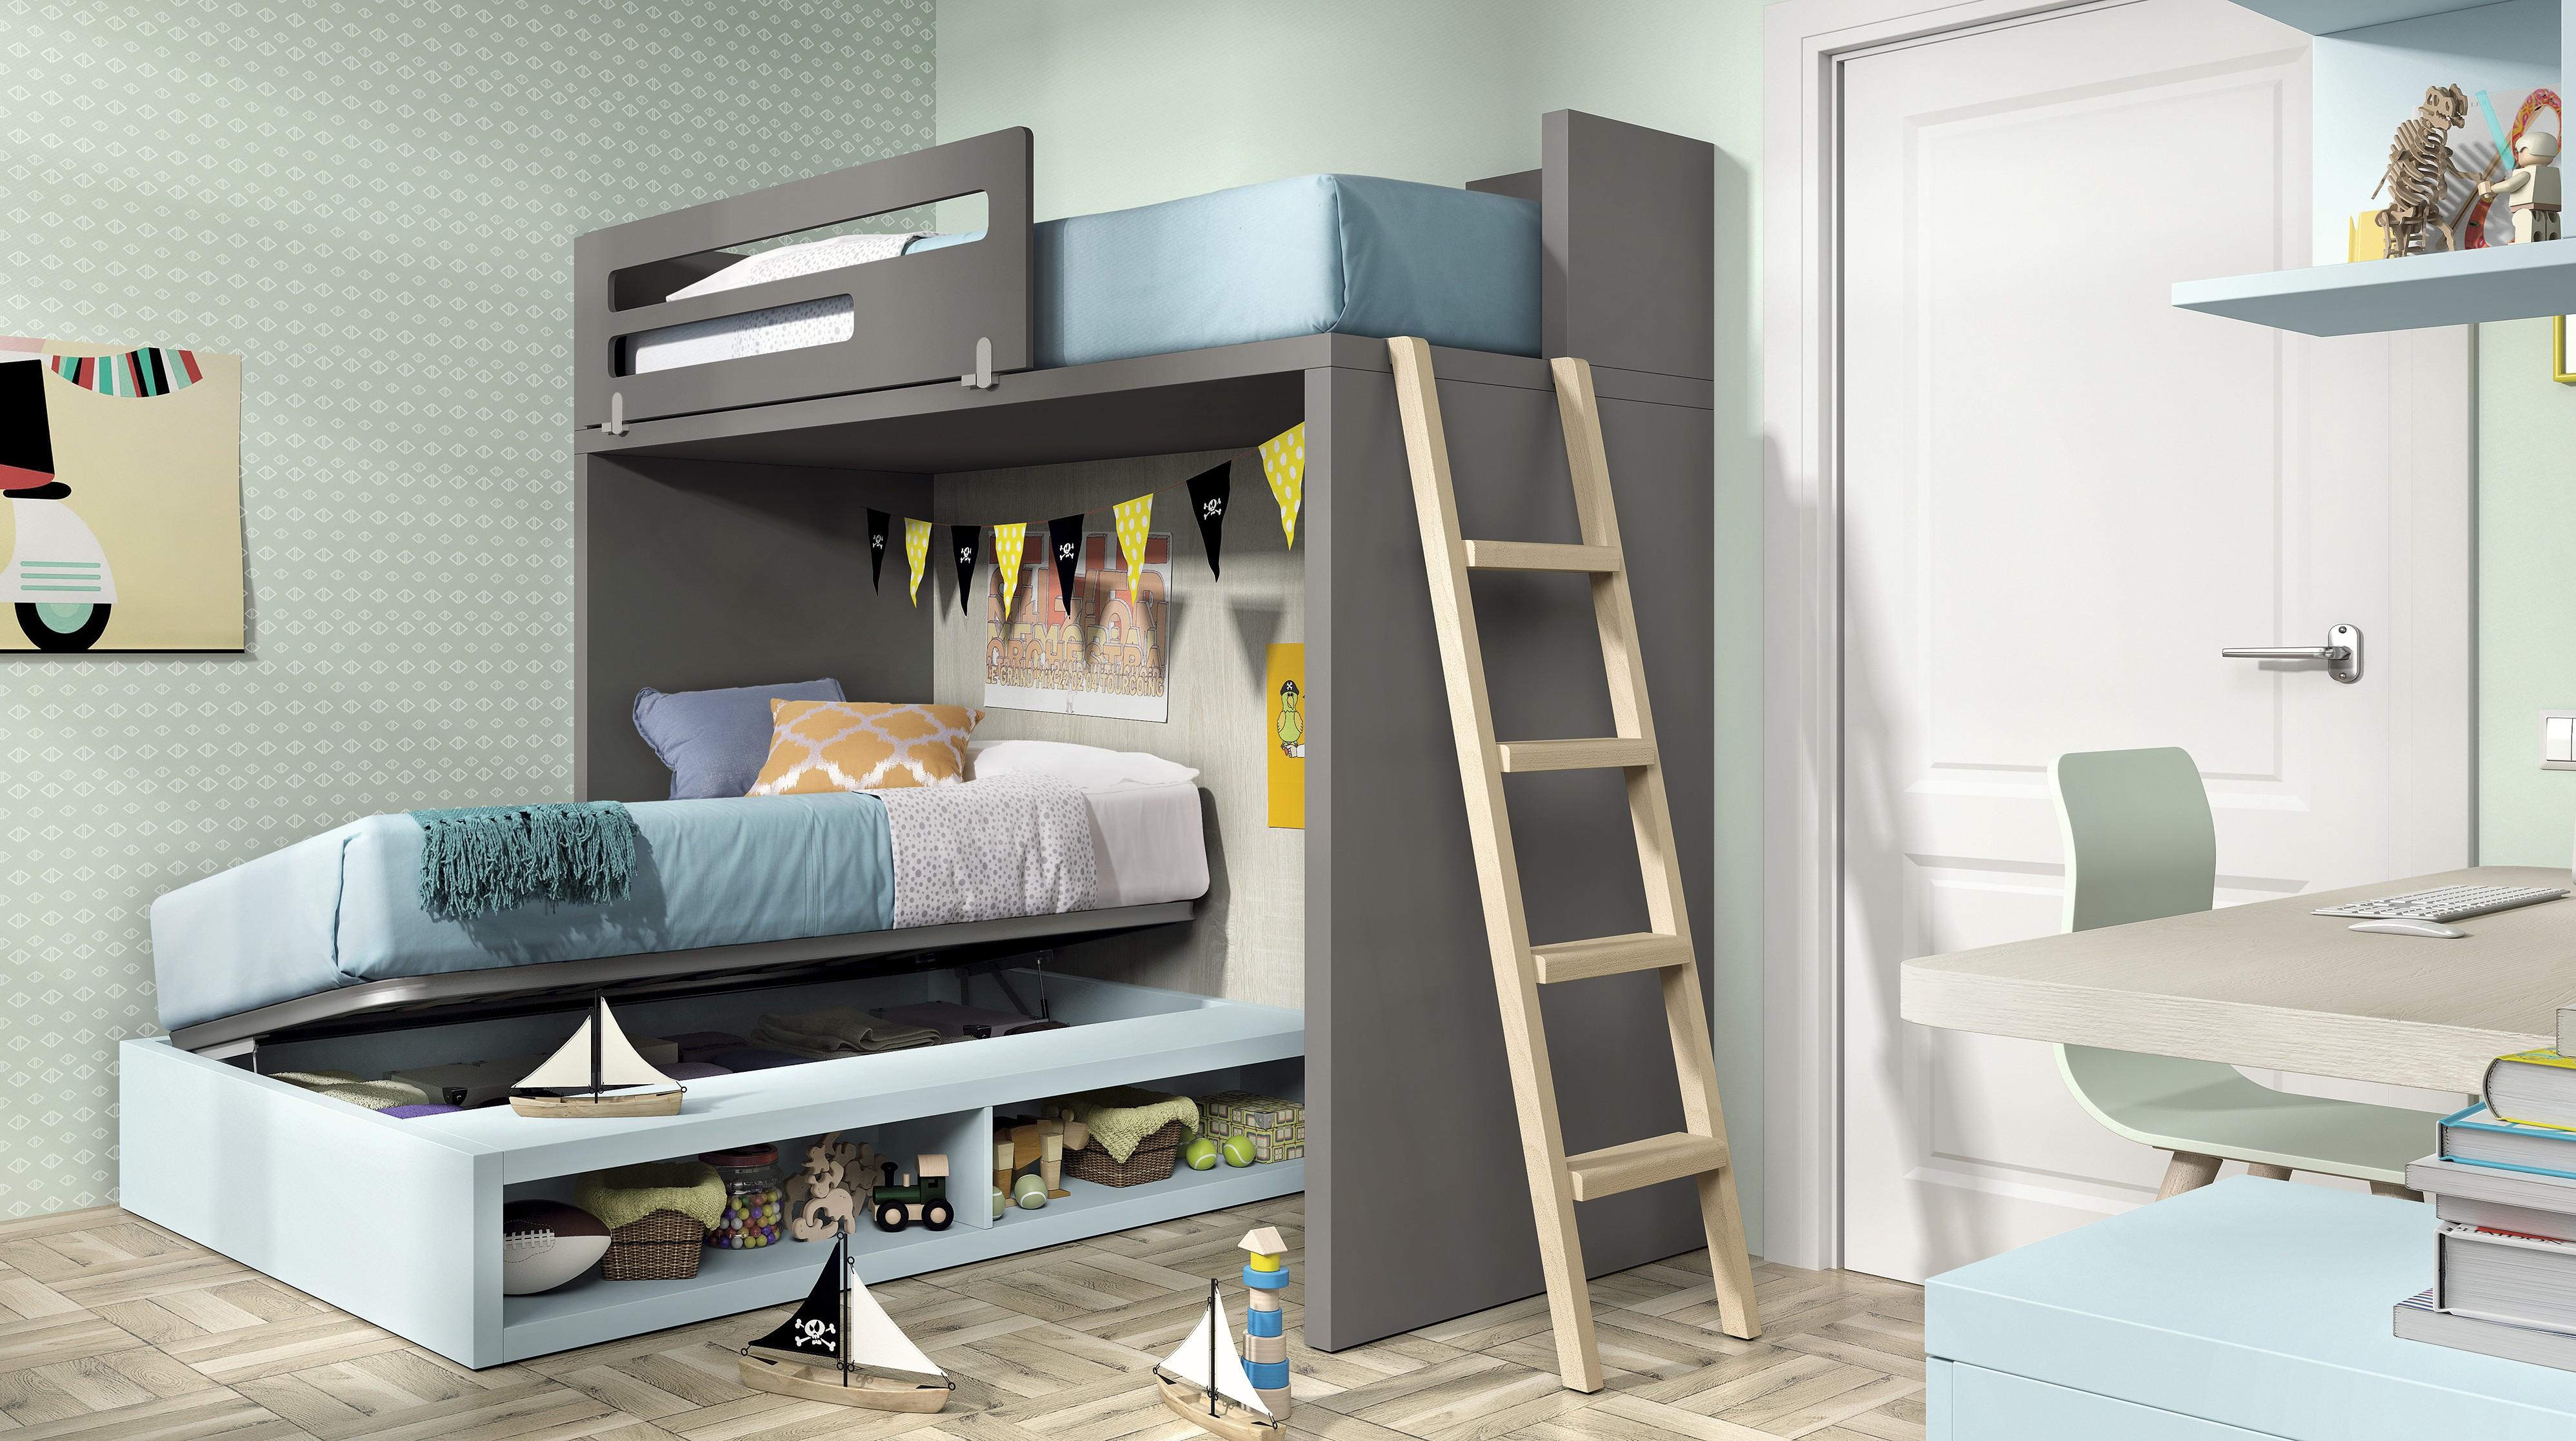 Планировка детской комнаты с раскладной кроватью